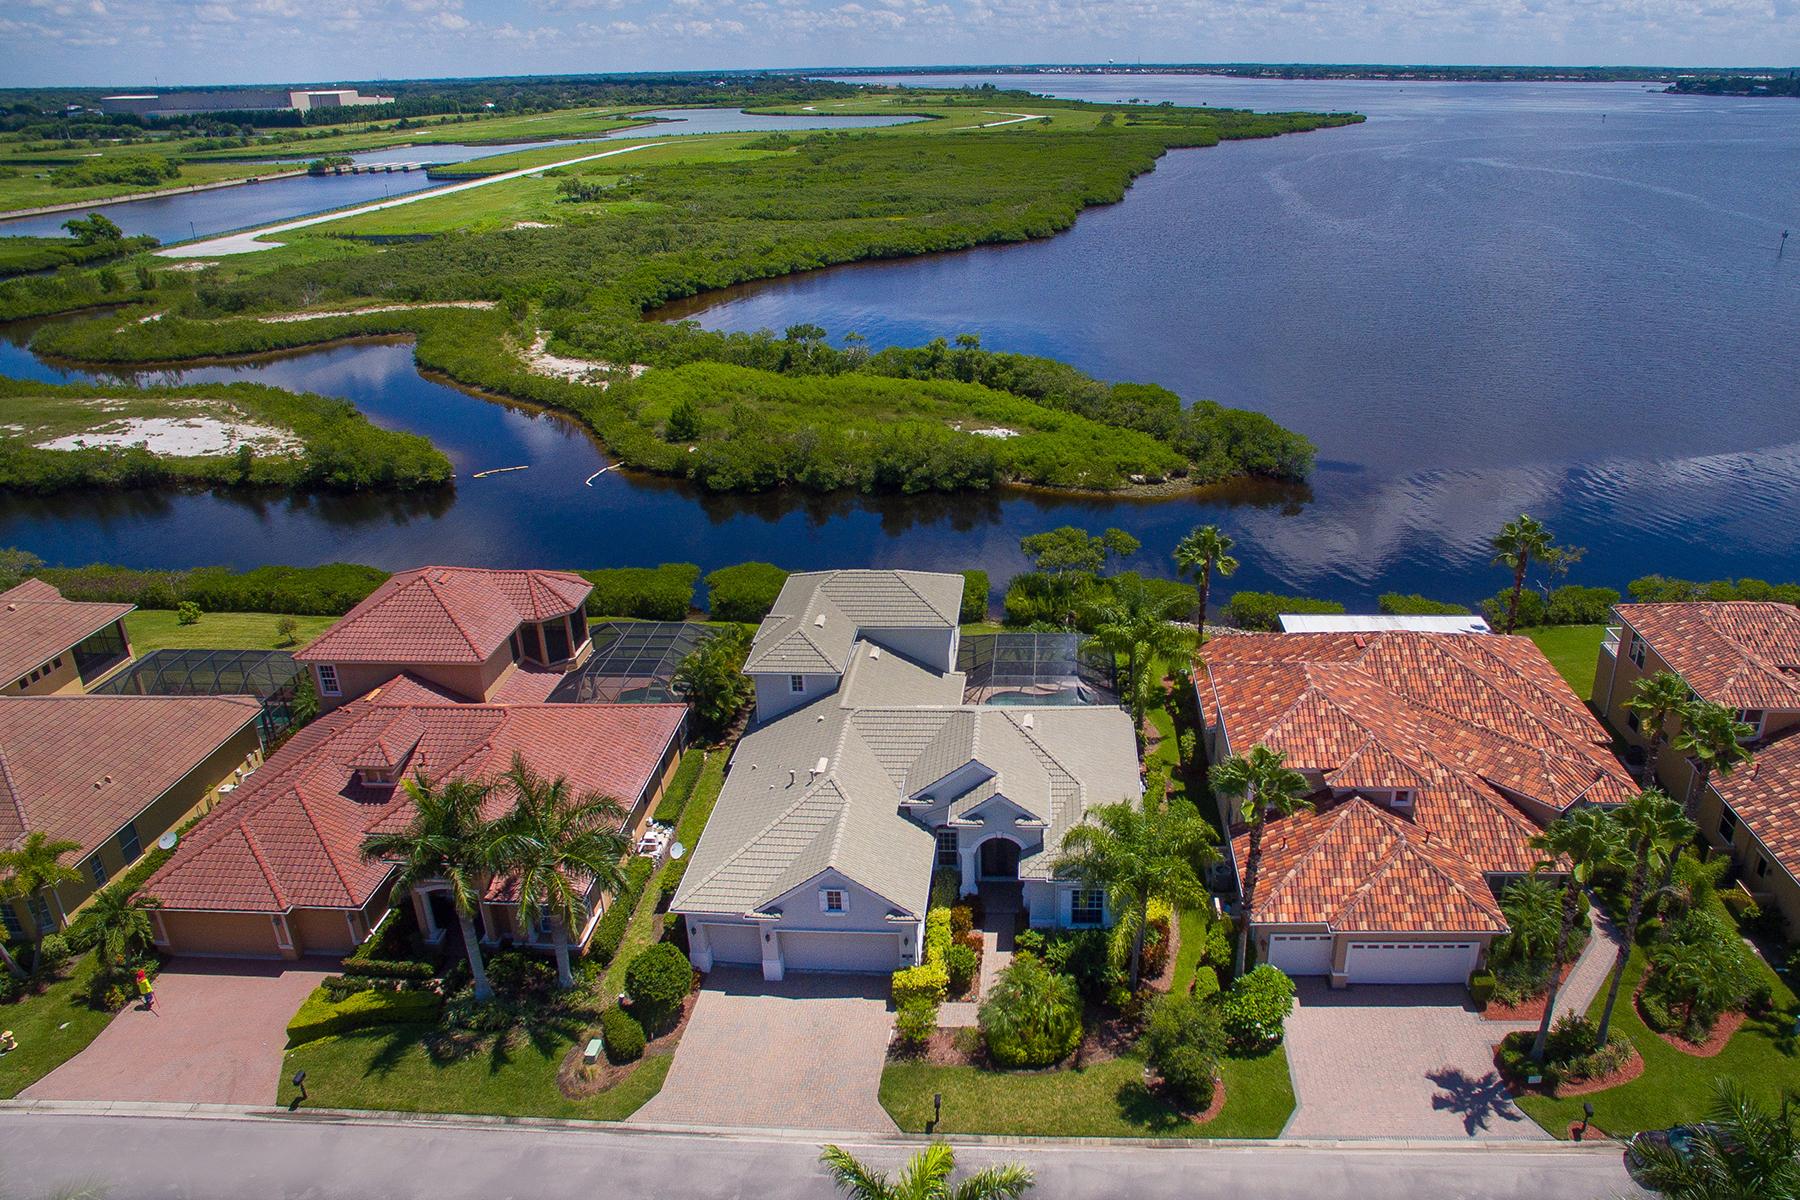 Maison unifamiliale pour l Vente à PENINSULA AT RIVIERA DUNES 118 12th Ave E Palmetto, Florida, 34221 États-Unis